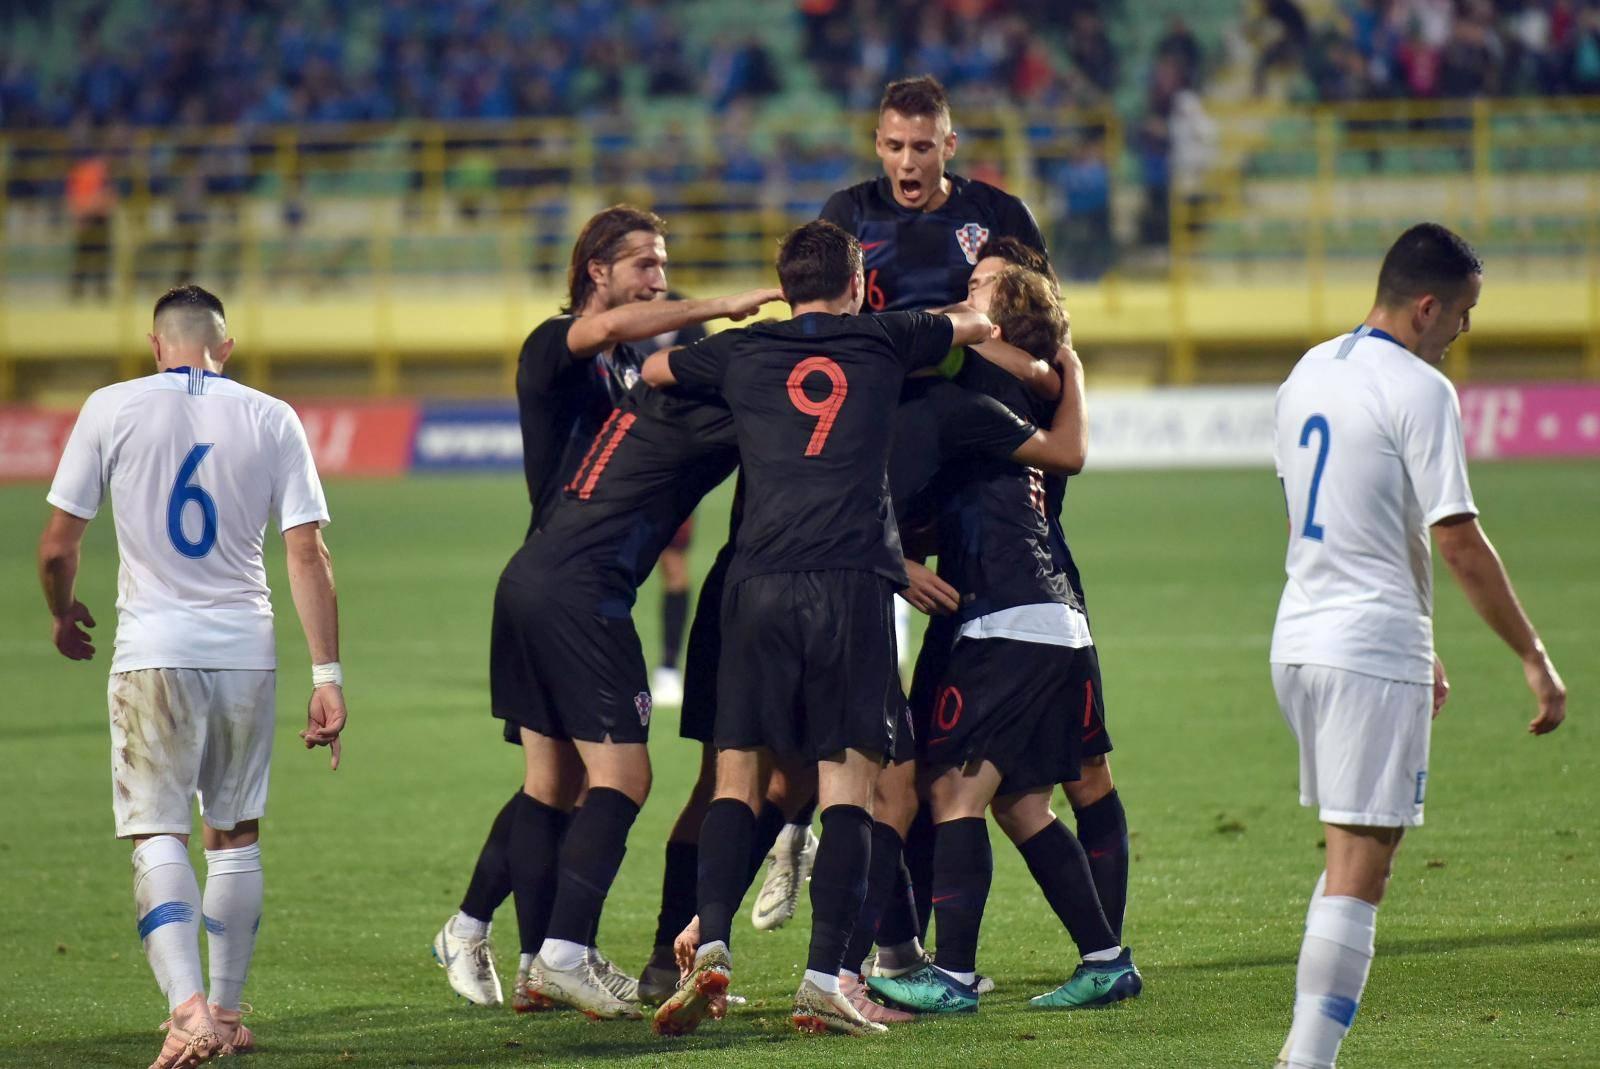 Mladi Vatreni idu po OI: Nadaju se trećoj sreći i prvoj pobjedi